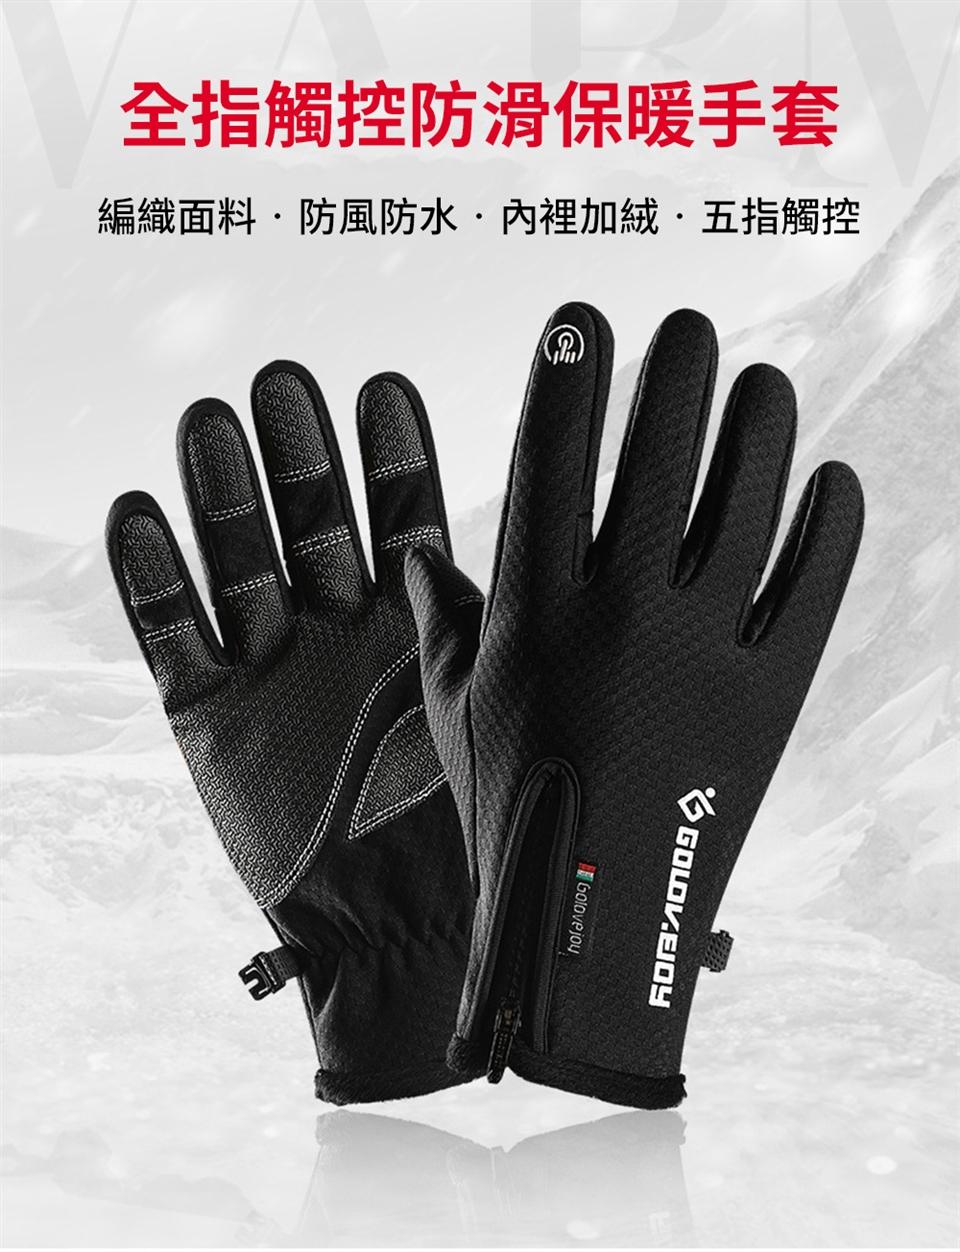 編織紋、全指可觸控防滑保暖手套